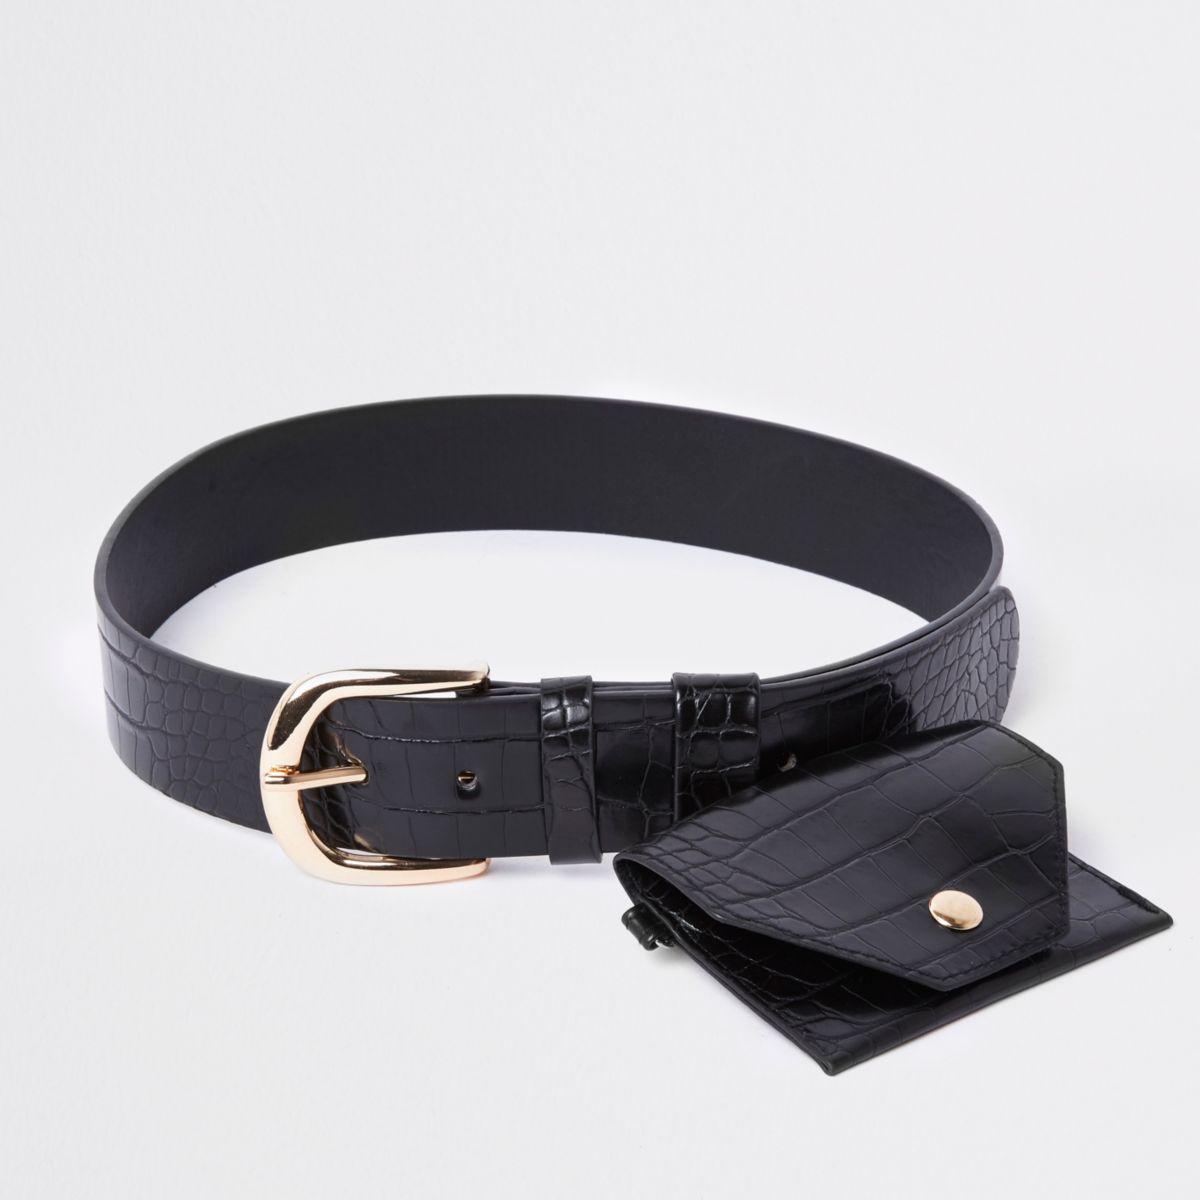 Black croc purse waist belt